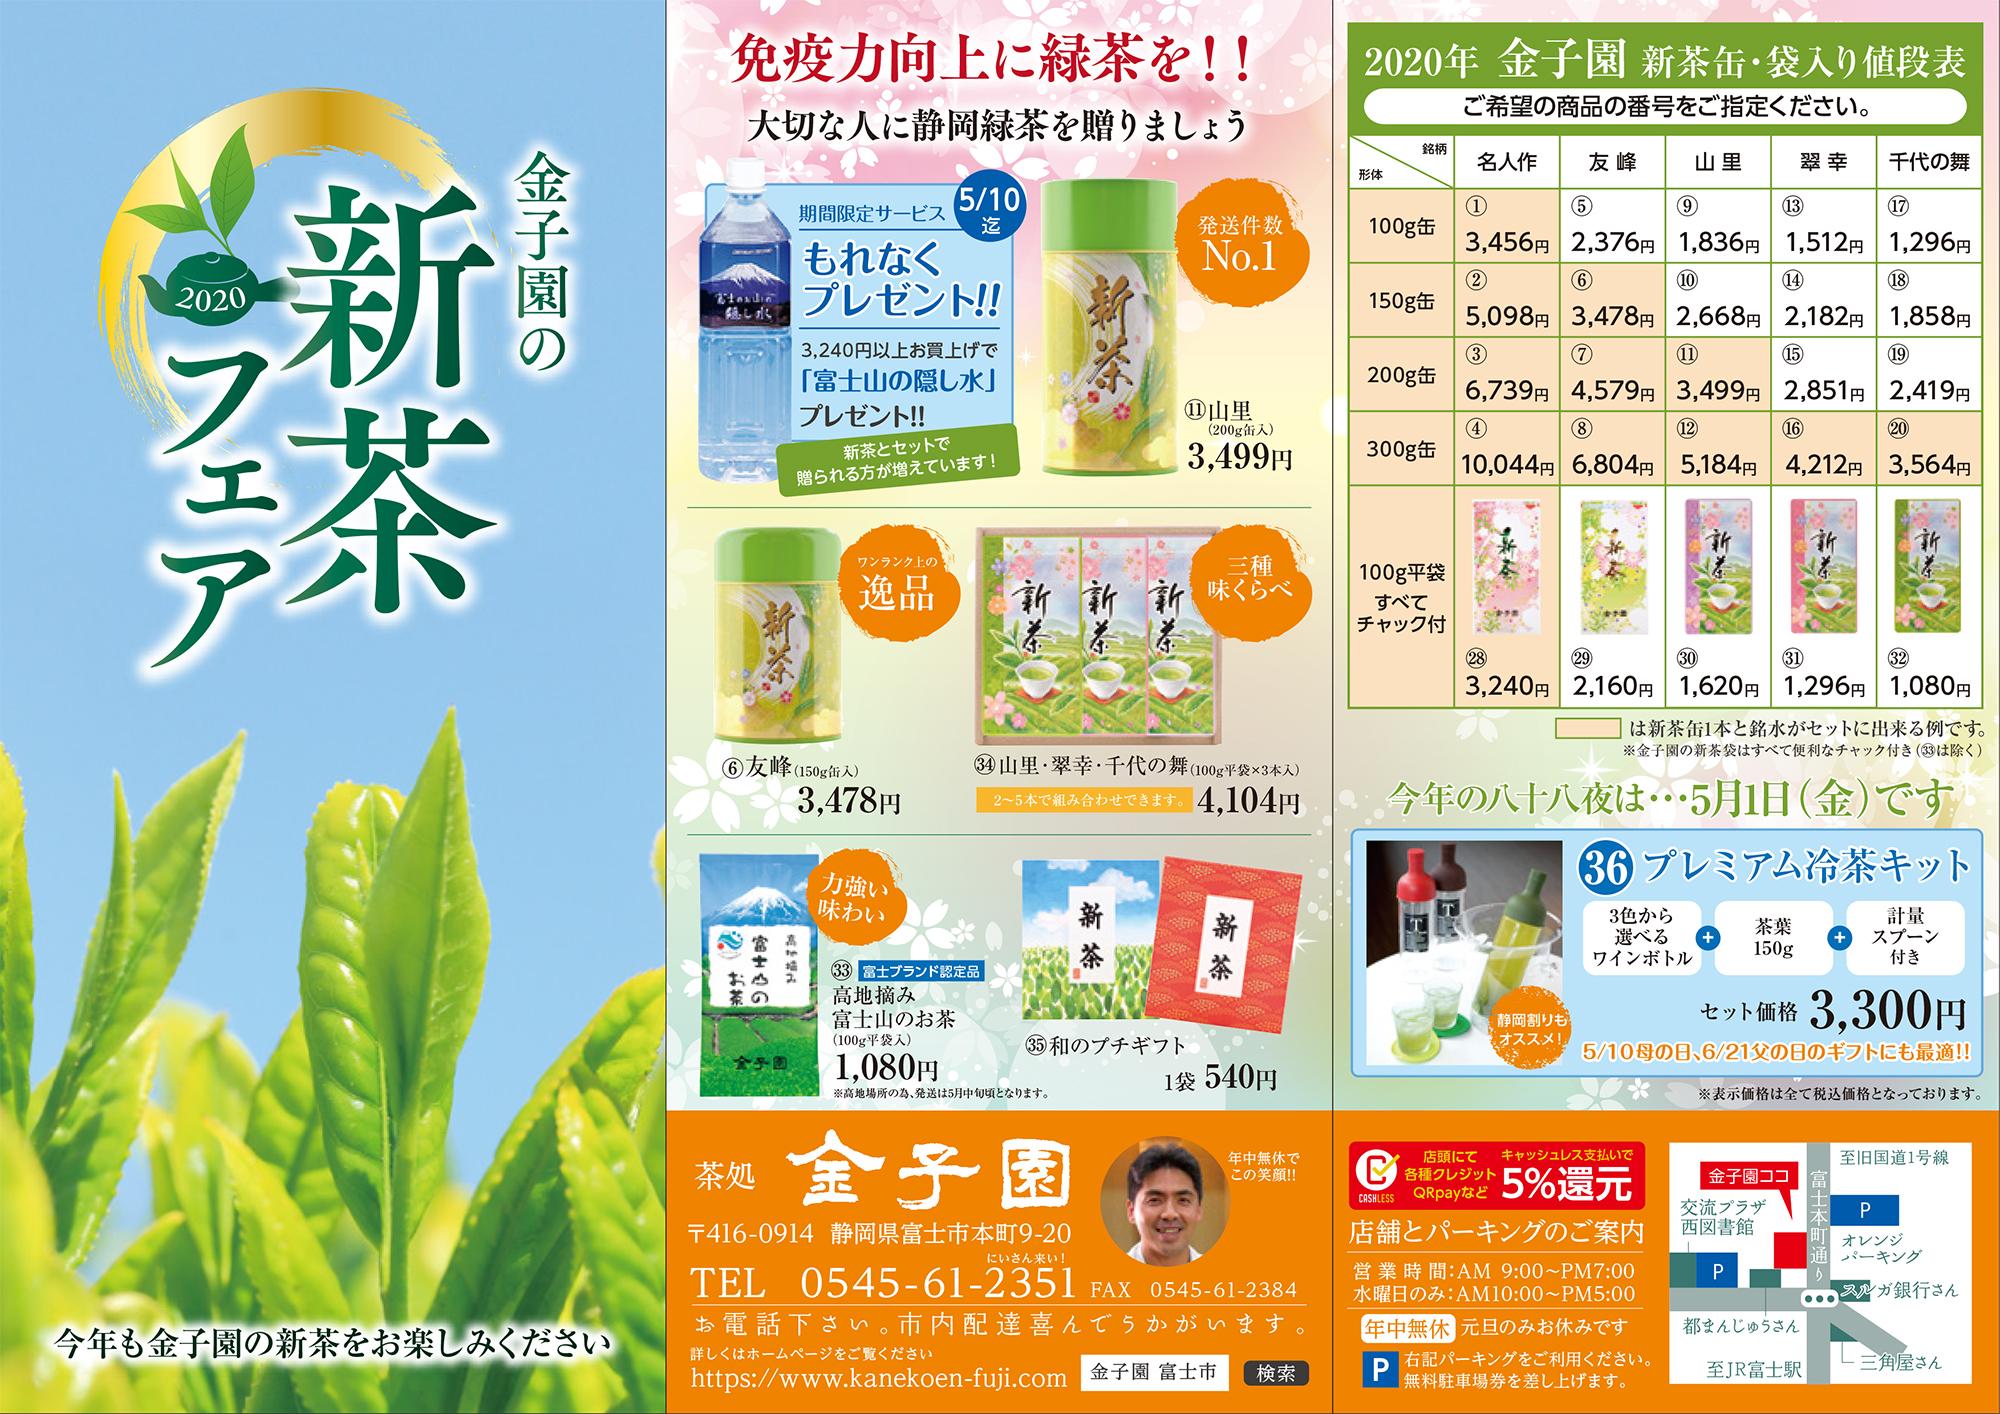 【2020新茶】免疫力向上に緑茶を!!大切な人に静岡緑茶を贈りましょう